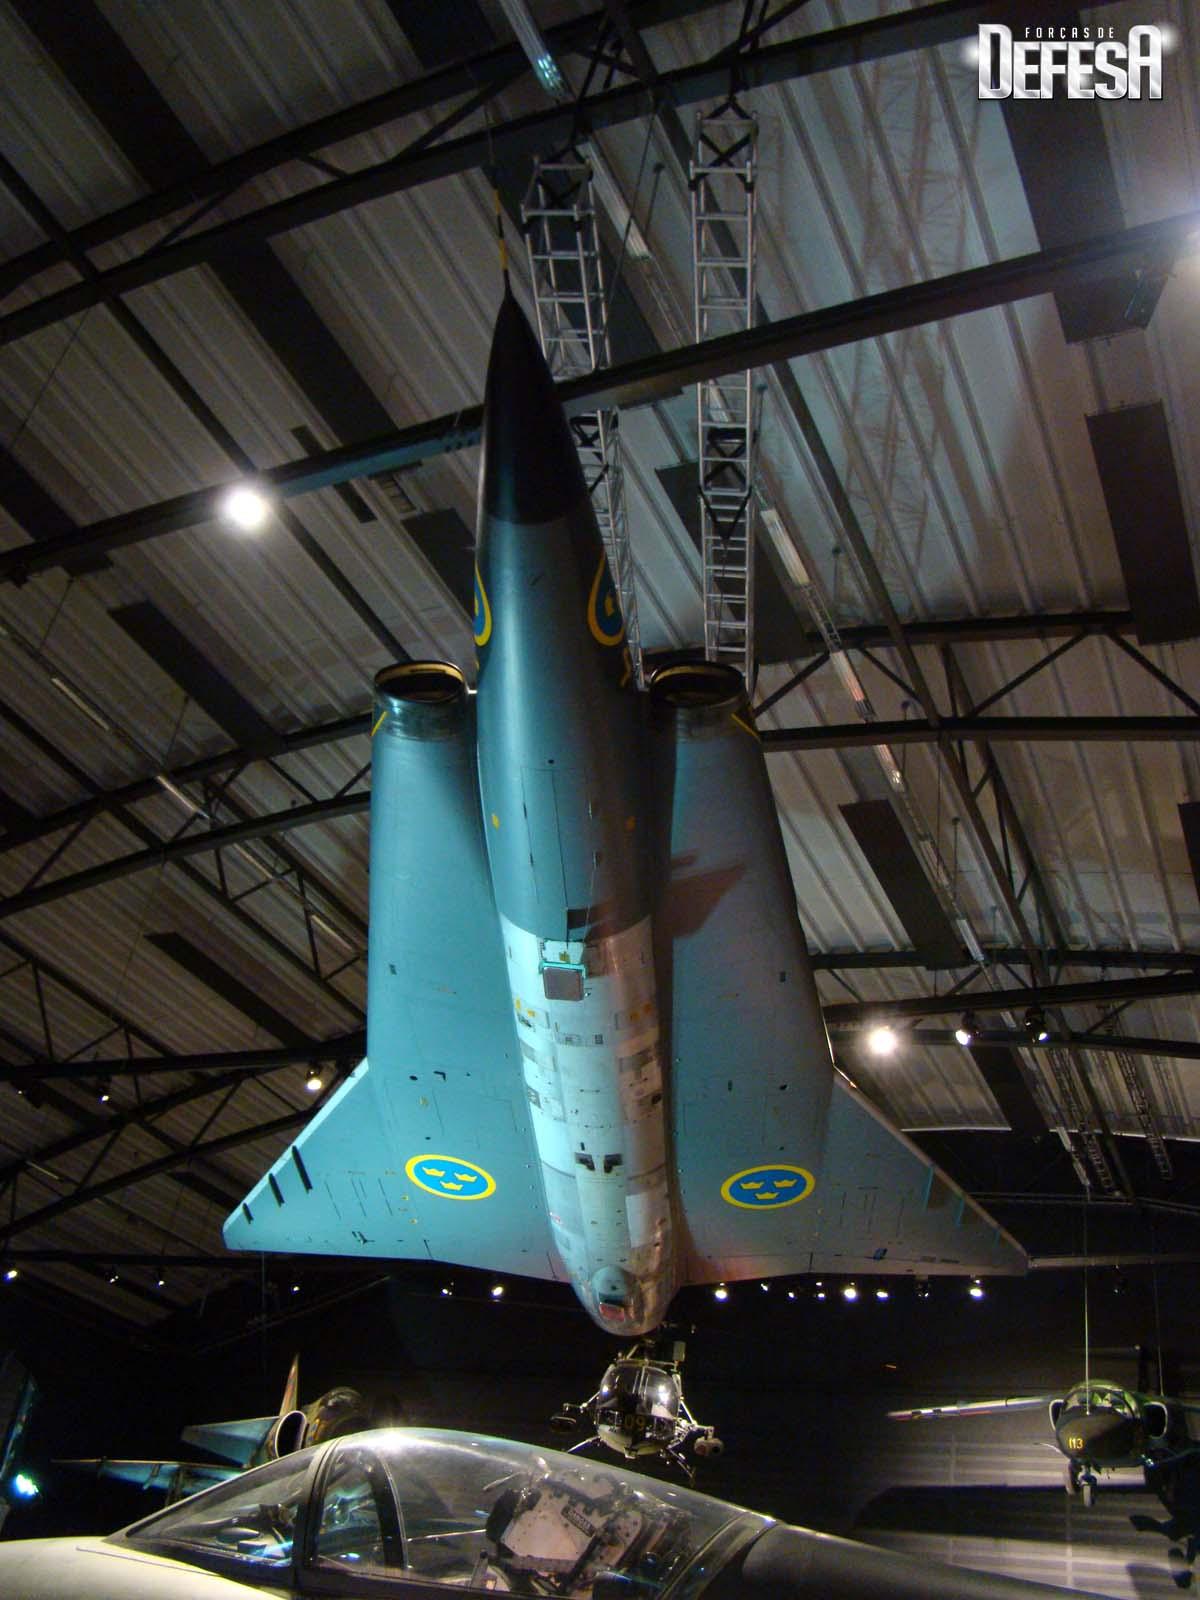 Saab evento Museu Forca Aerea Sueca 16-5-2015 - foto 2 Nunao - Poder Aereo